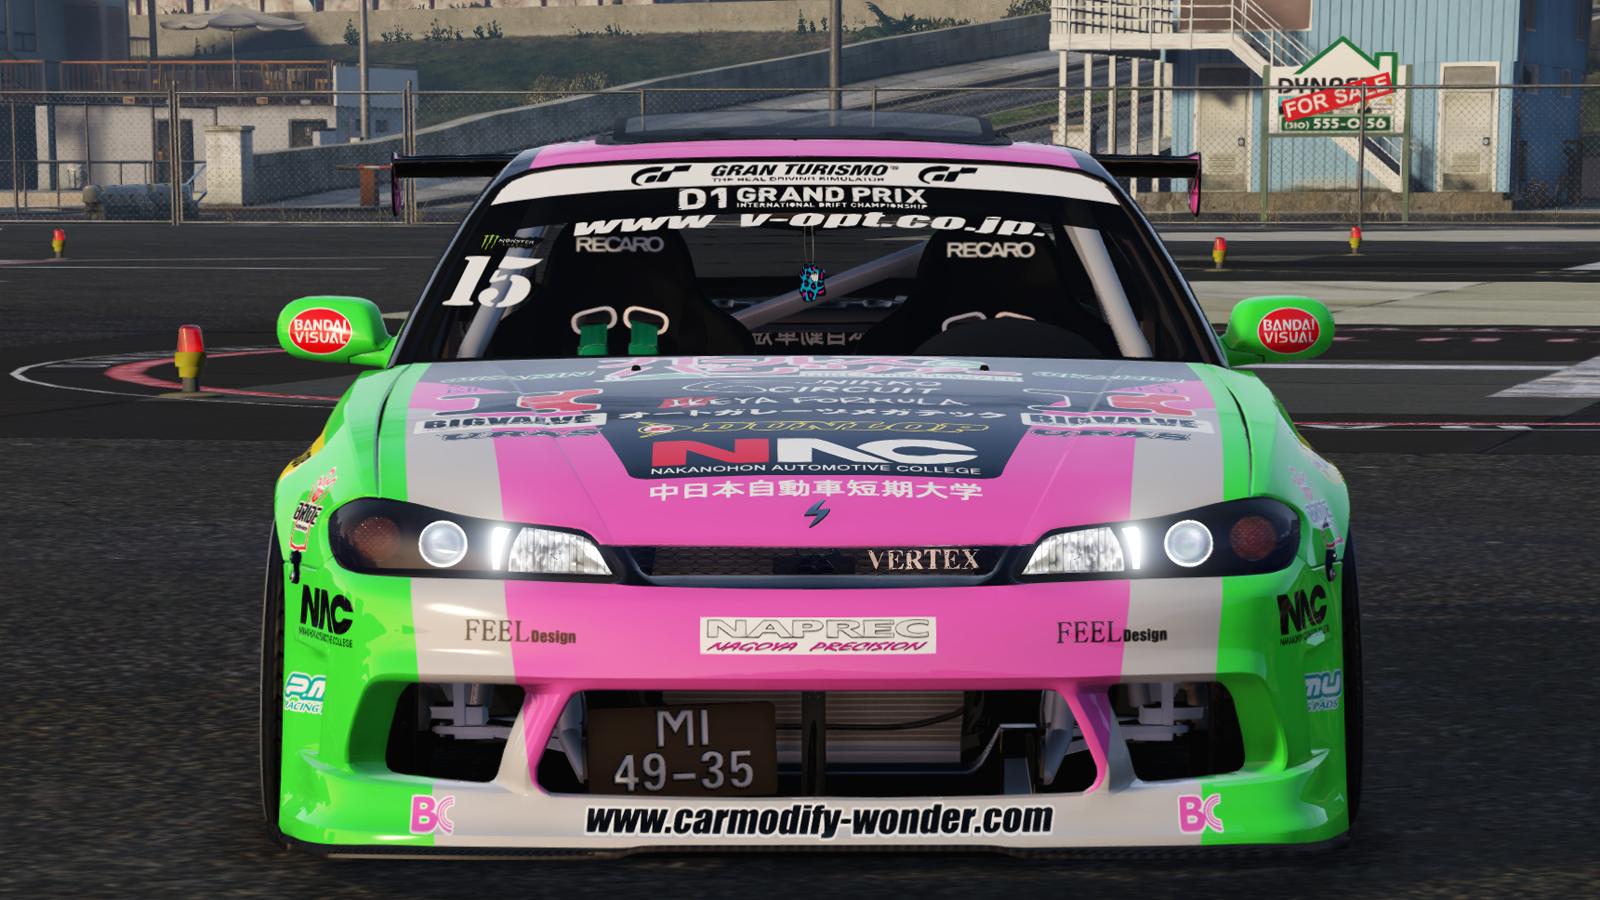 D1大奖赛西尔维亚S15女孩和装甲[ 4k ]